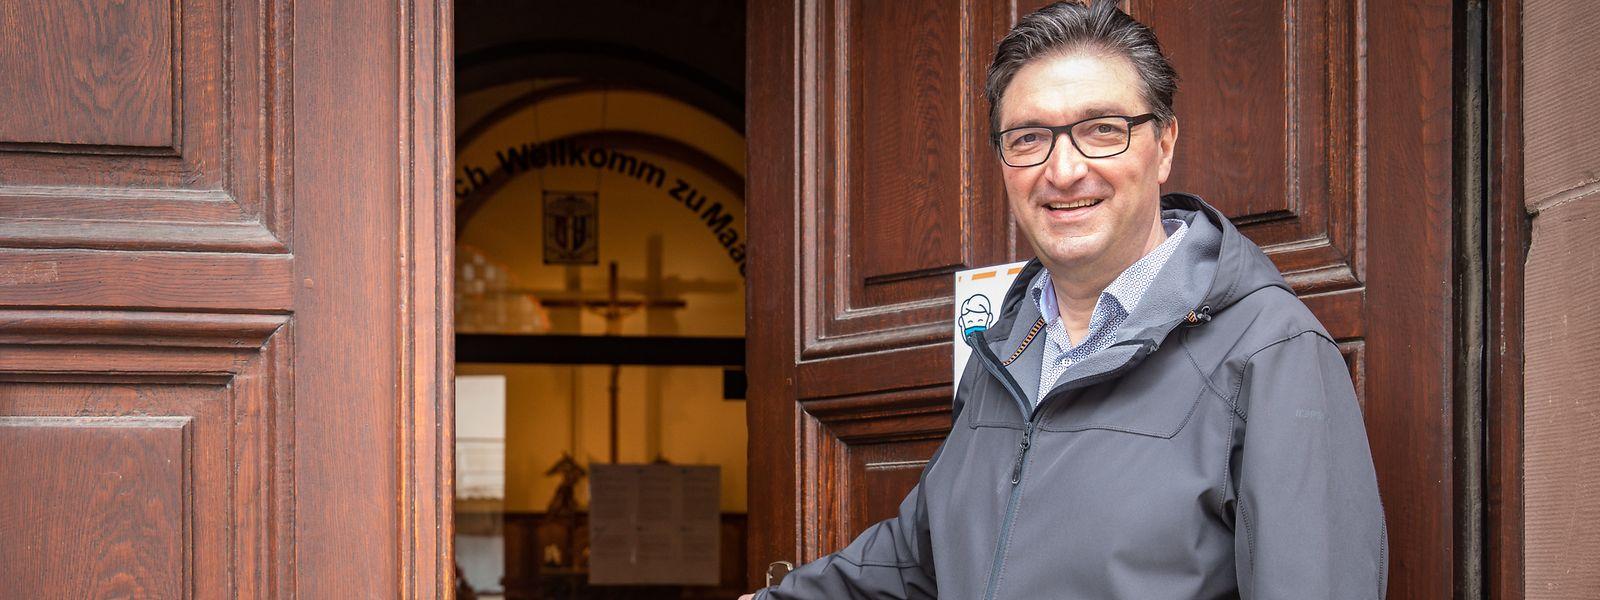 """Die Kirche in Grevenmacher hält einige Schätze bereit, wie Dechant Claude Bache erklärt. Seit vergangenem Jahr gehört sie zum """"Netzwerk der offenen Kirchen""""."""